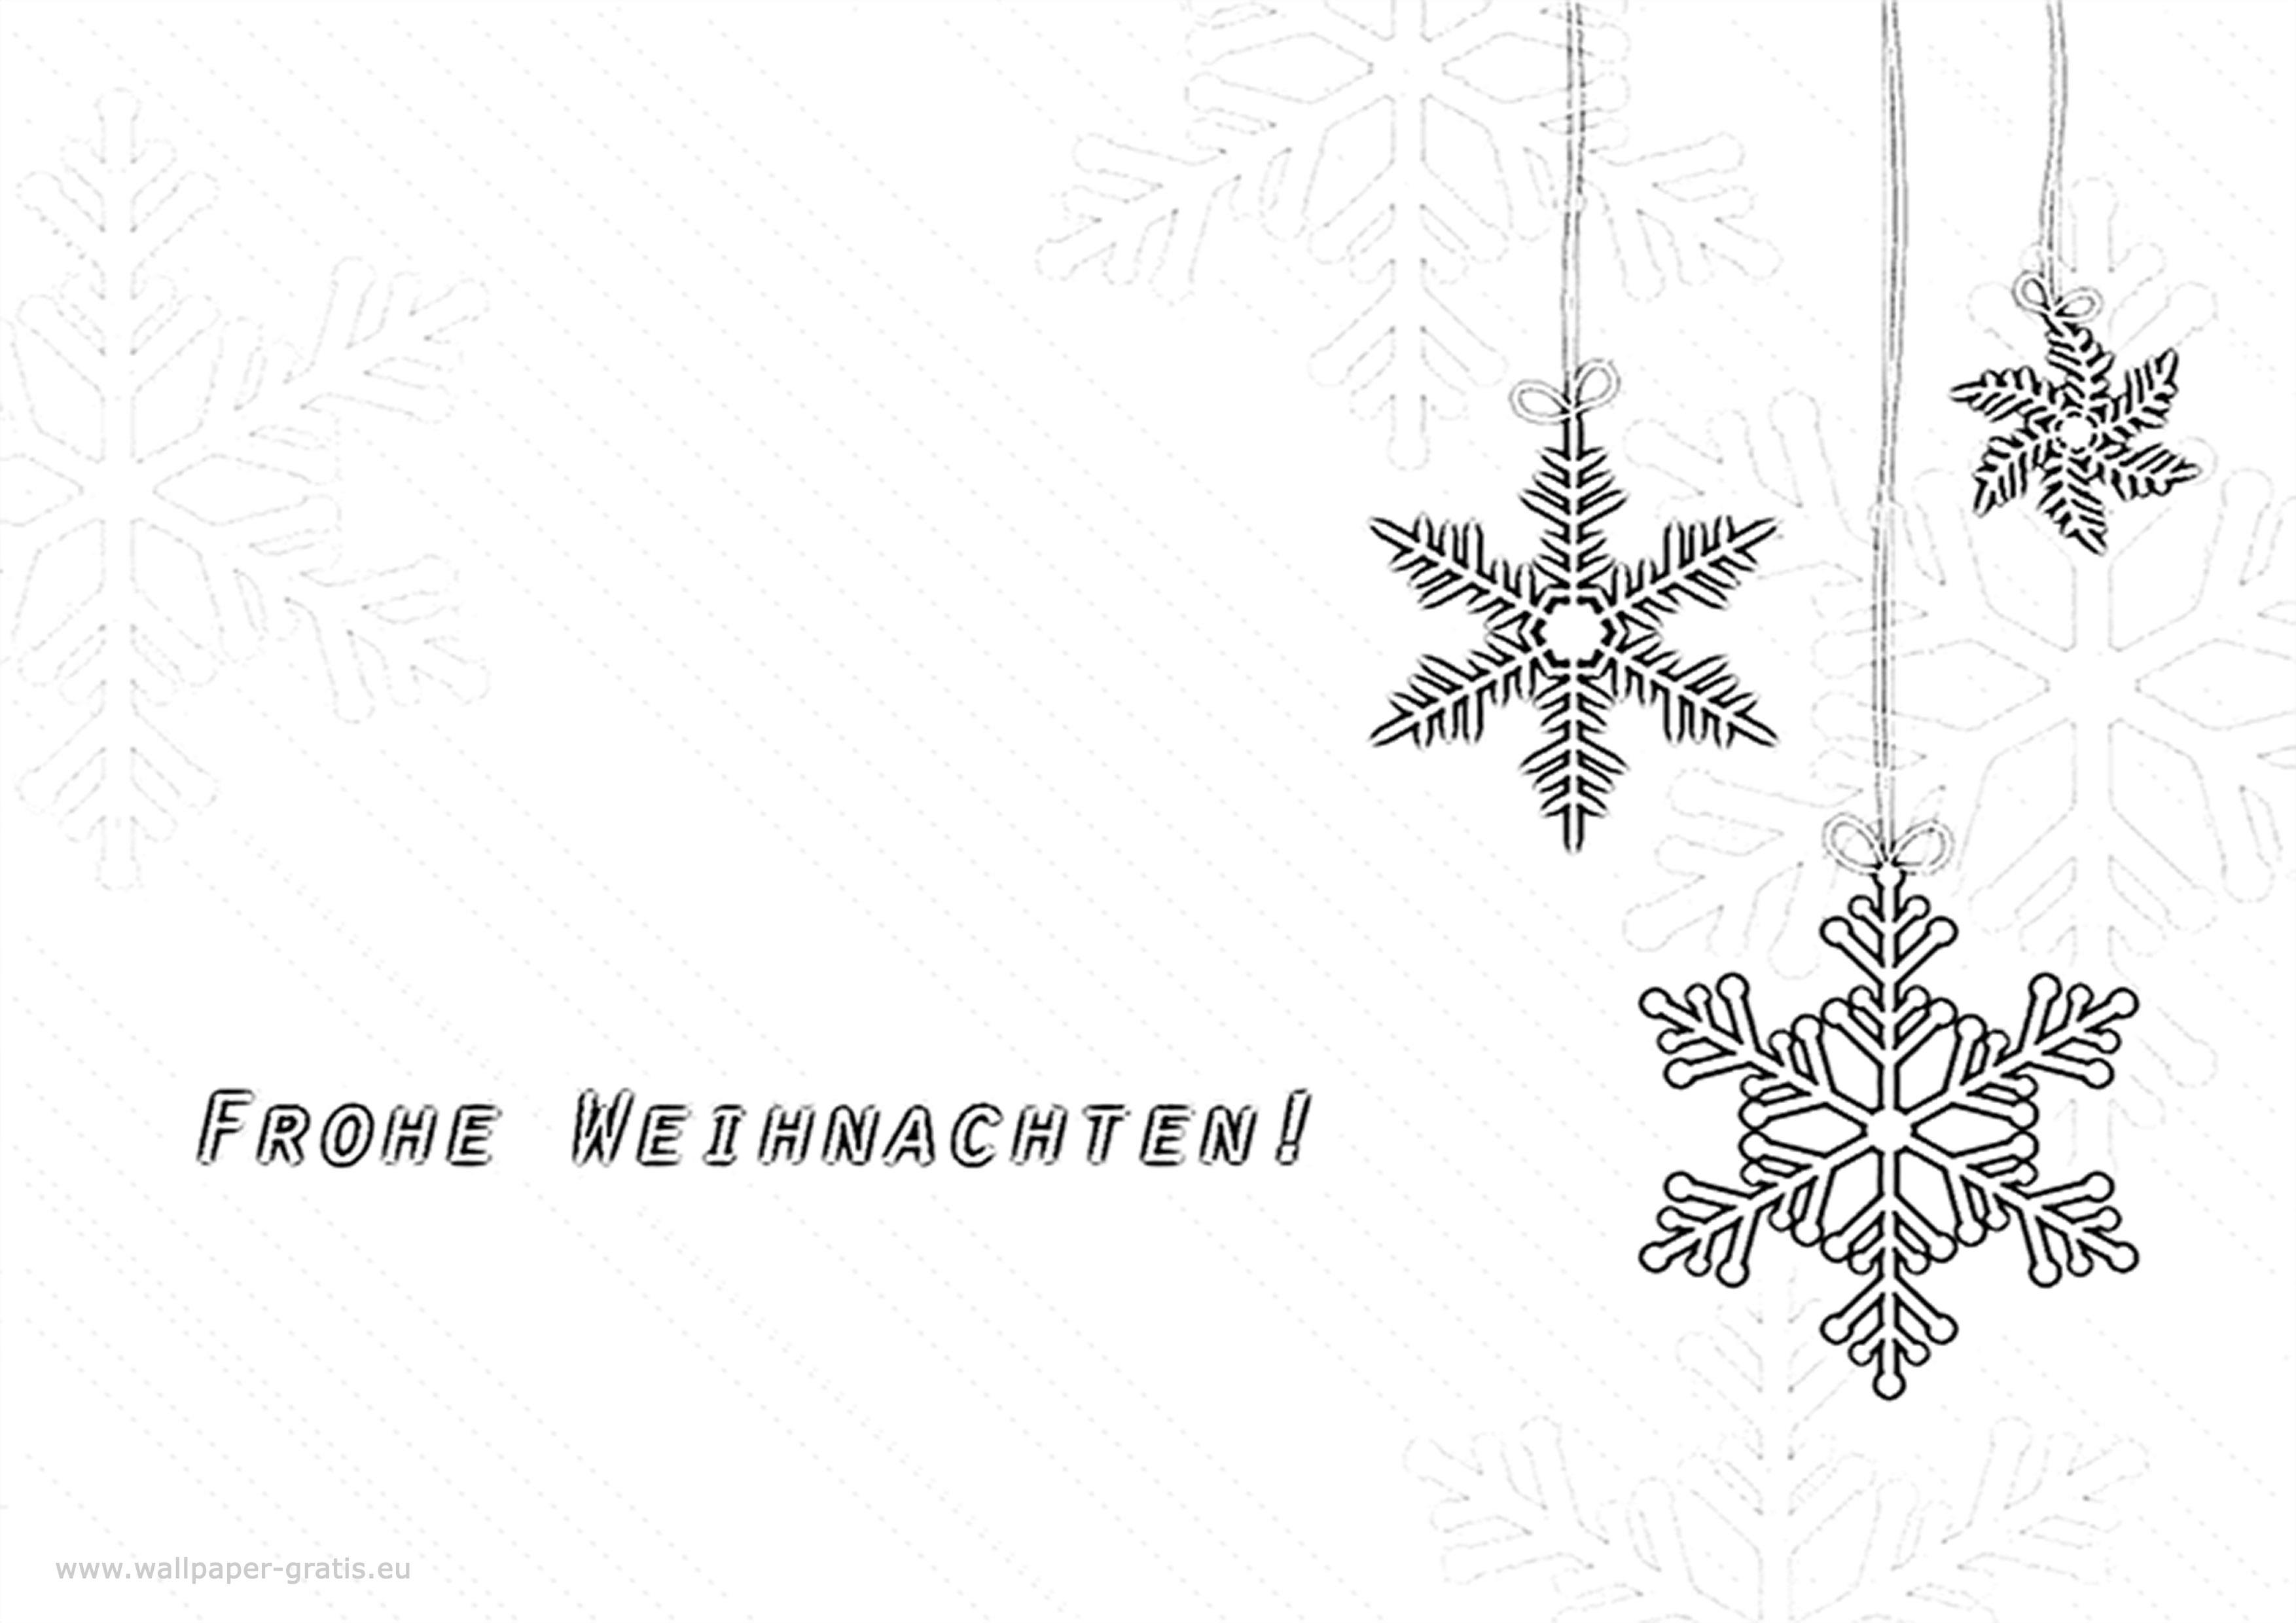 frohe weihnachten 008 kostenloses hintergrundbild f r. Black Bedroom Furniture Sets. Home Design Ideas